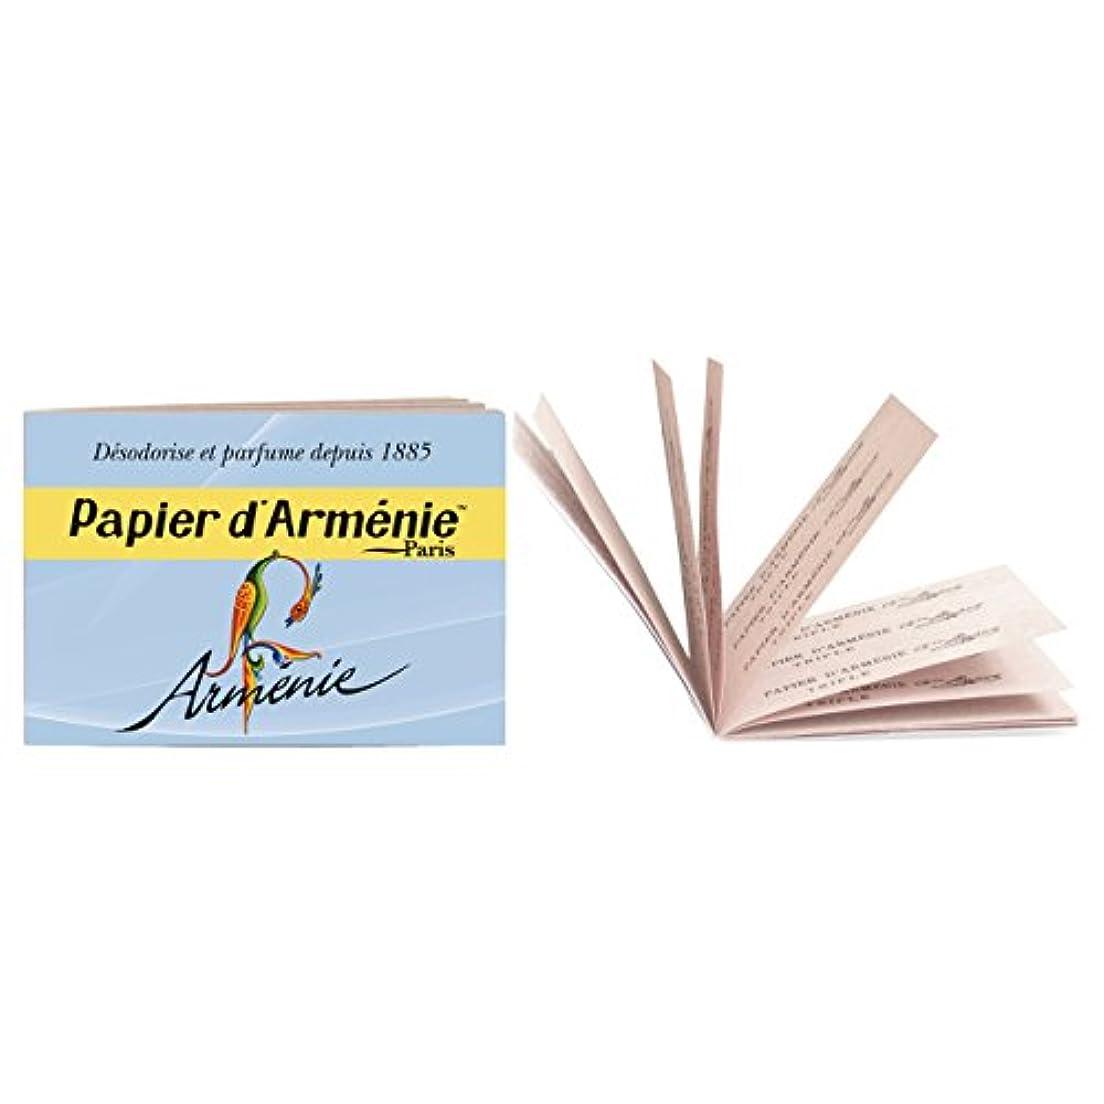 ミュージカルセミナー主婦パピエダルメニイ トリプル アルメニイ (紙のお香 3×12枚/36回分)